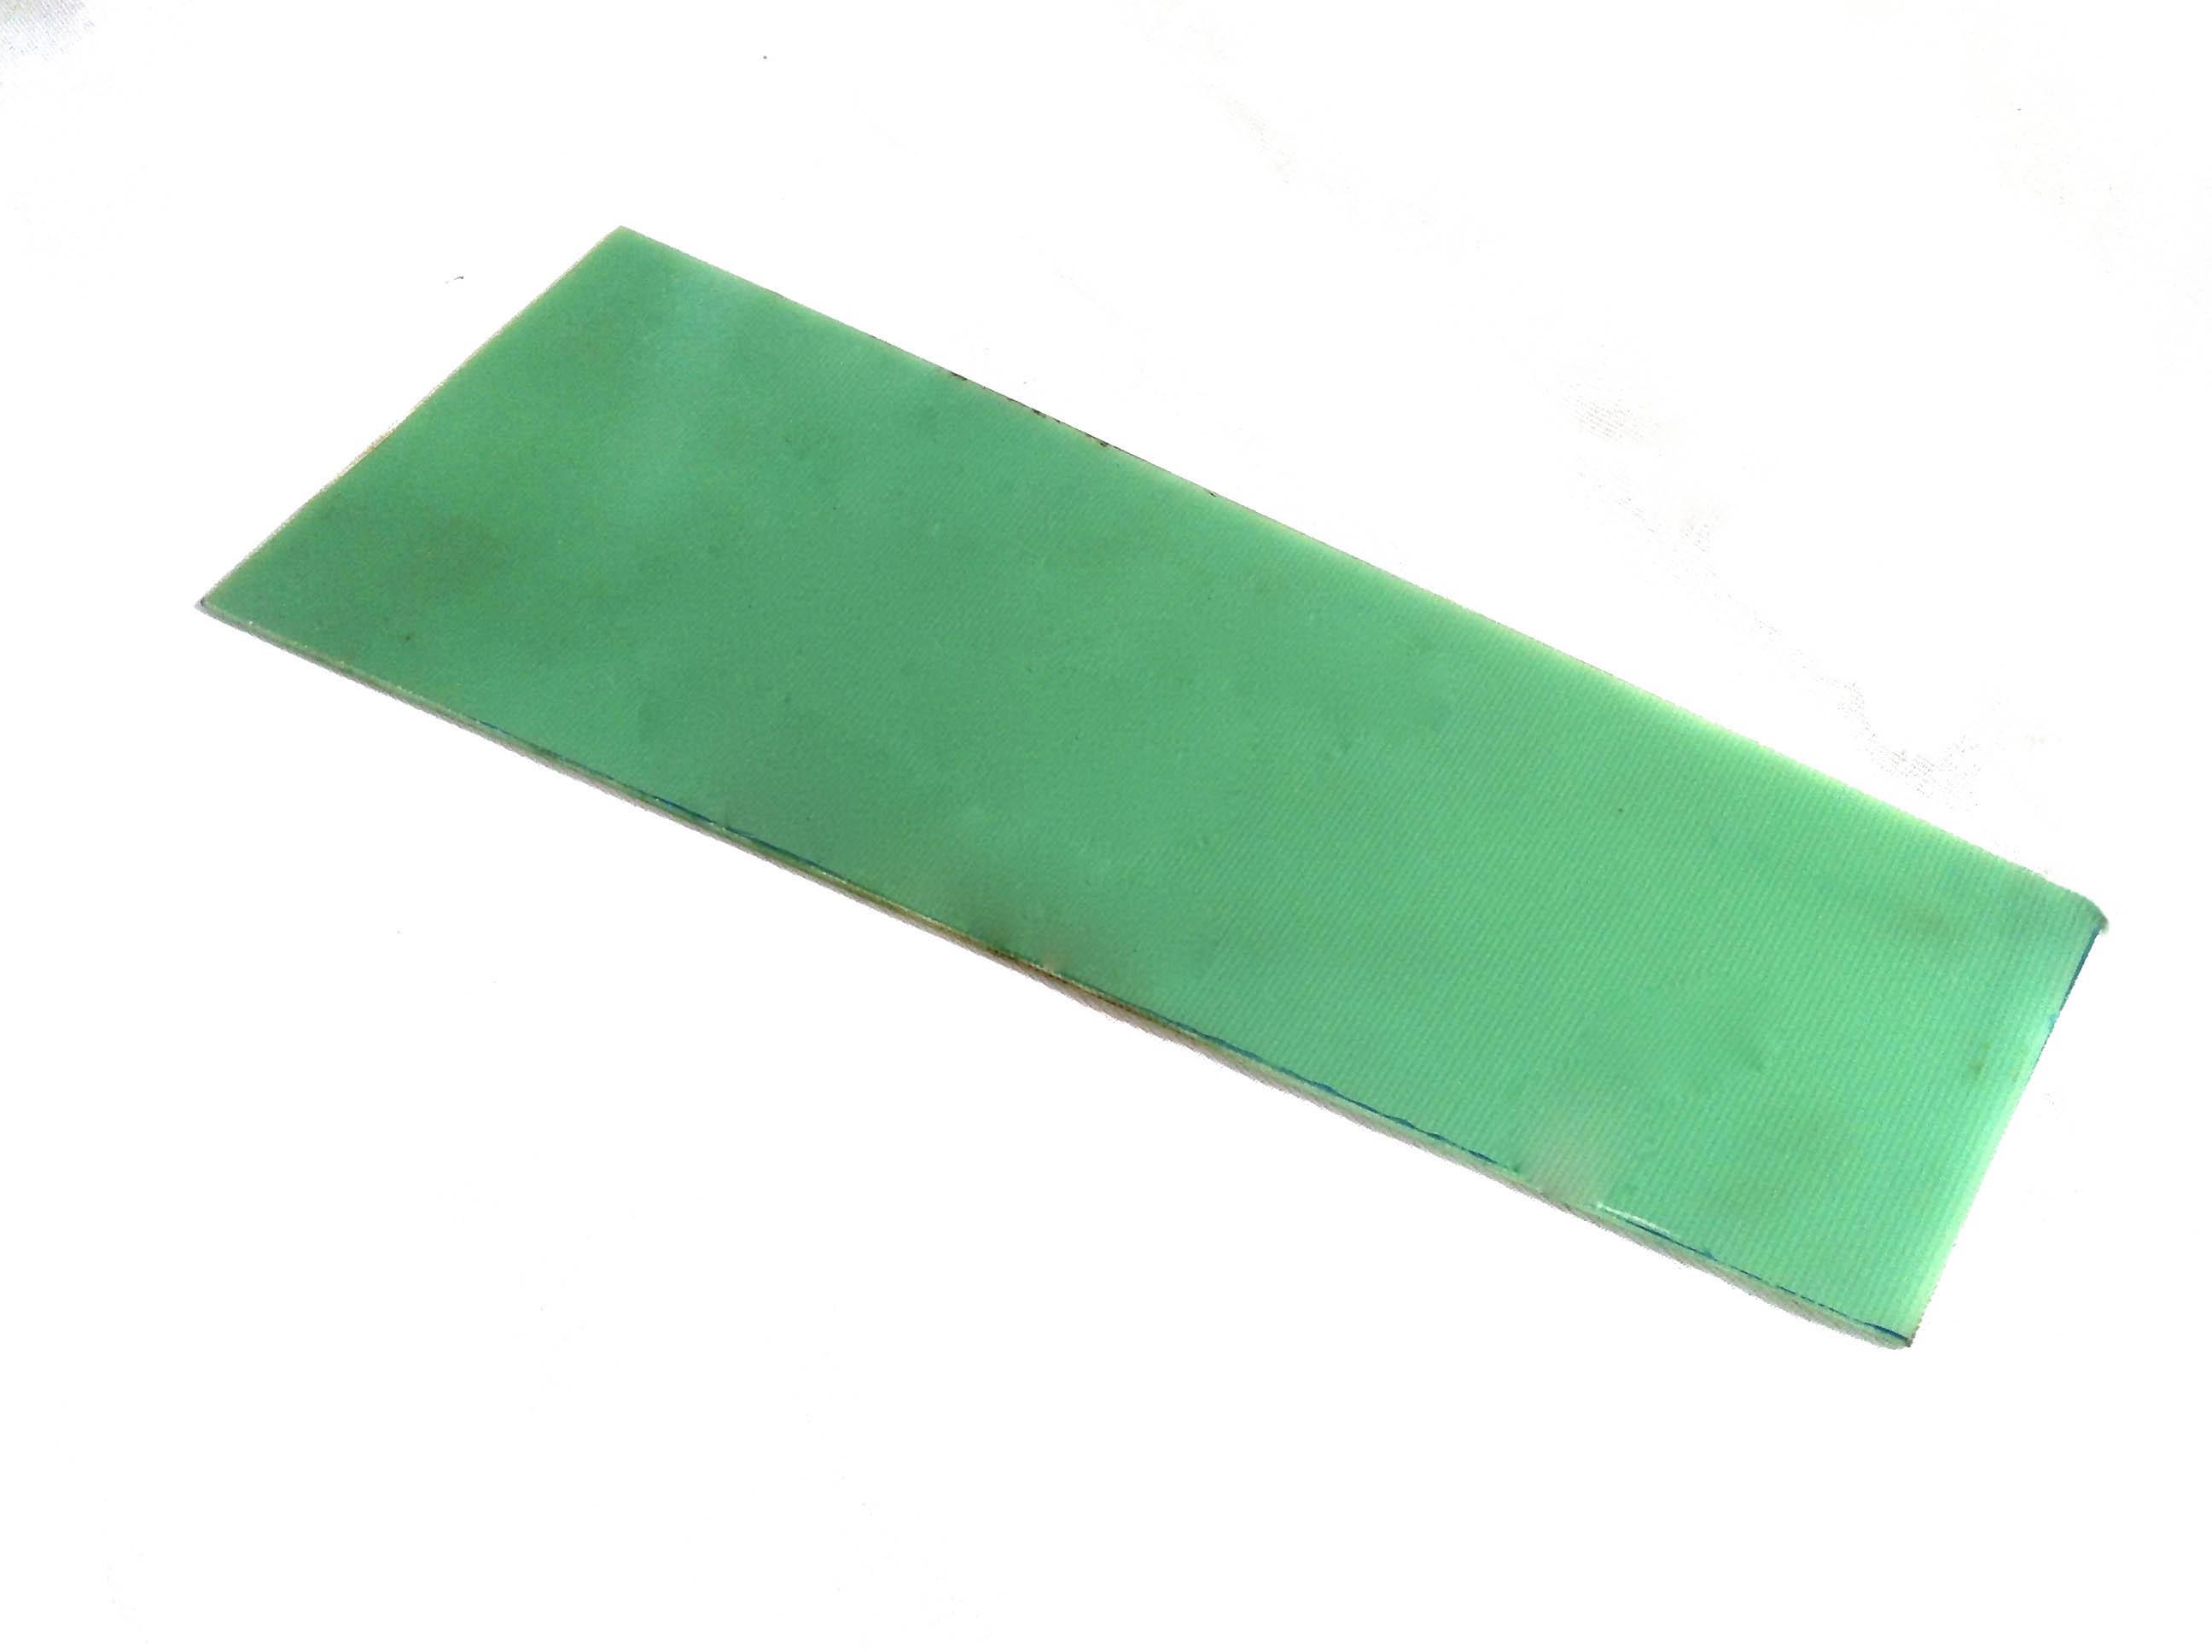 sub-bandage segment